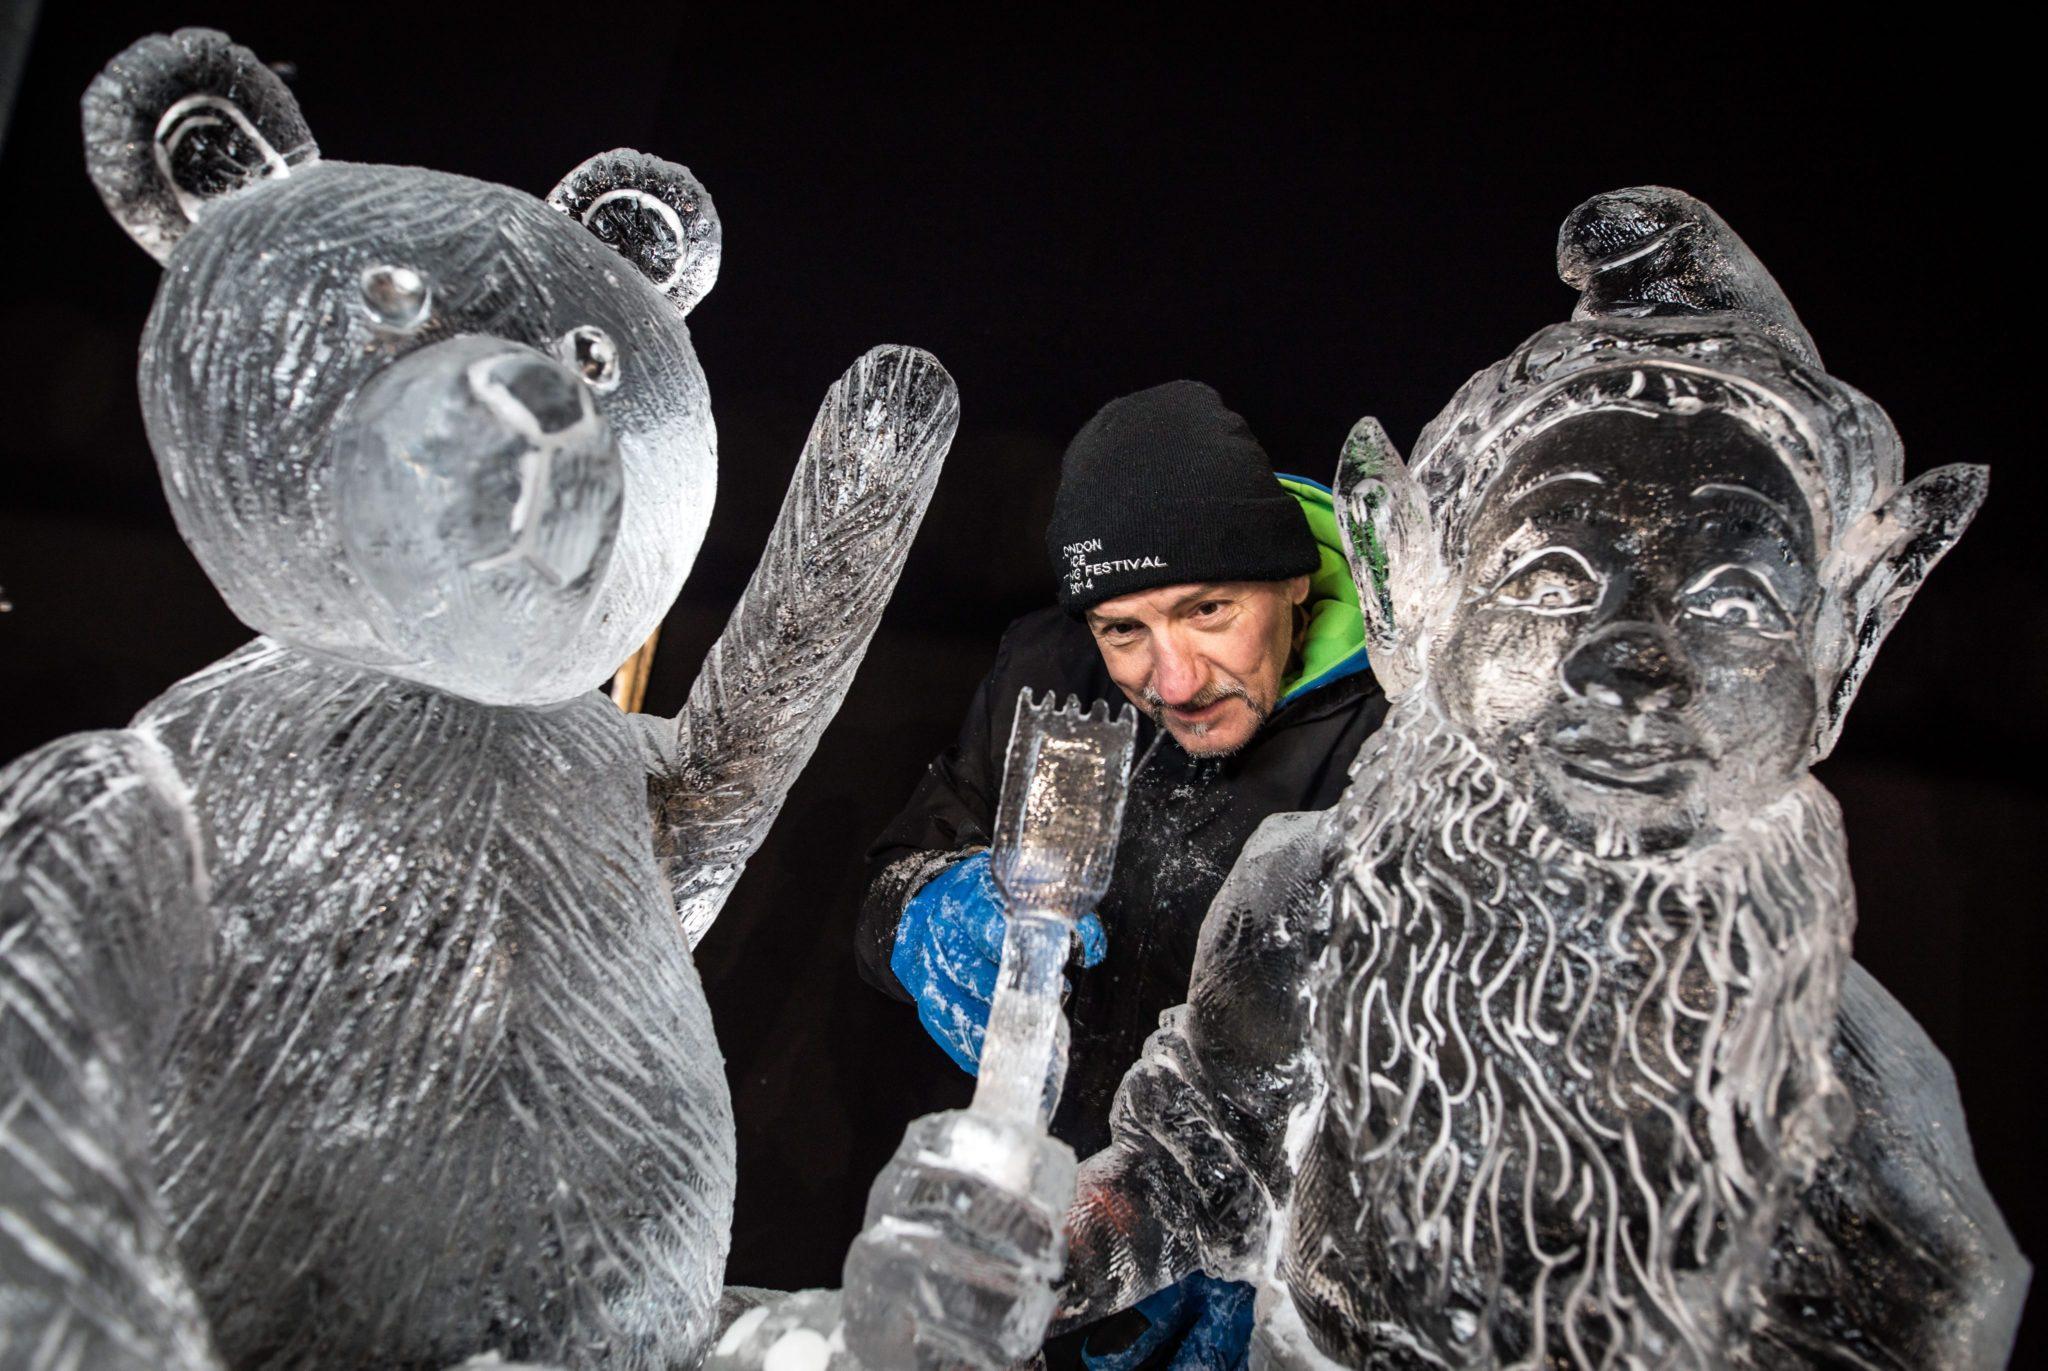 Niemcy: wystawa lodowych rzeźb w Mainz (foto. PAP/EPA/FRANK RUMPENHORST)